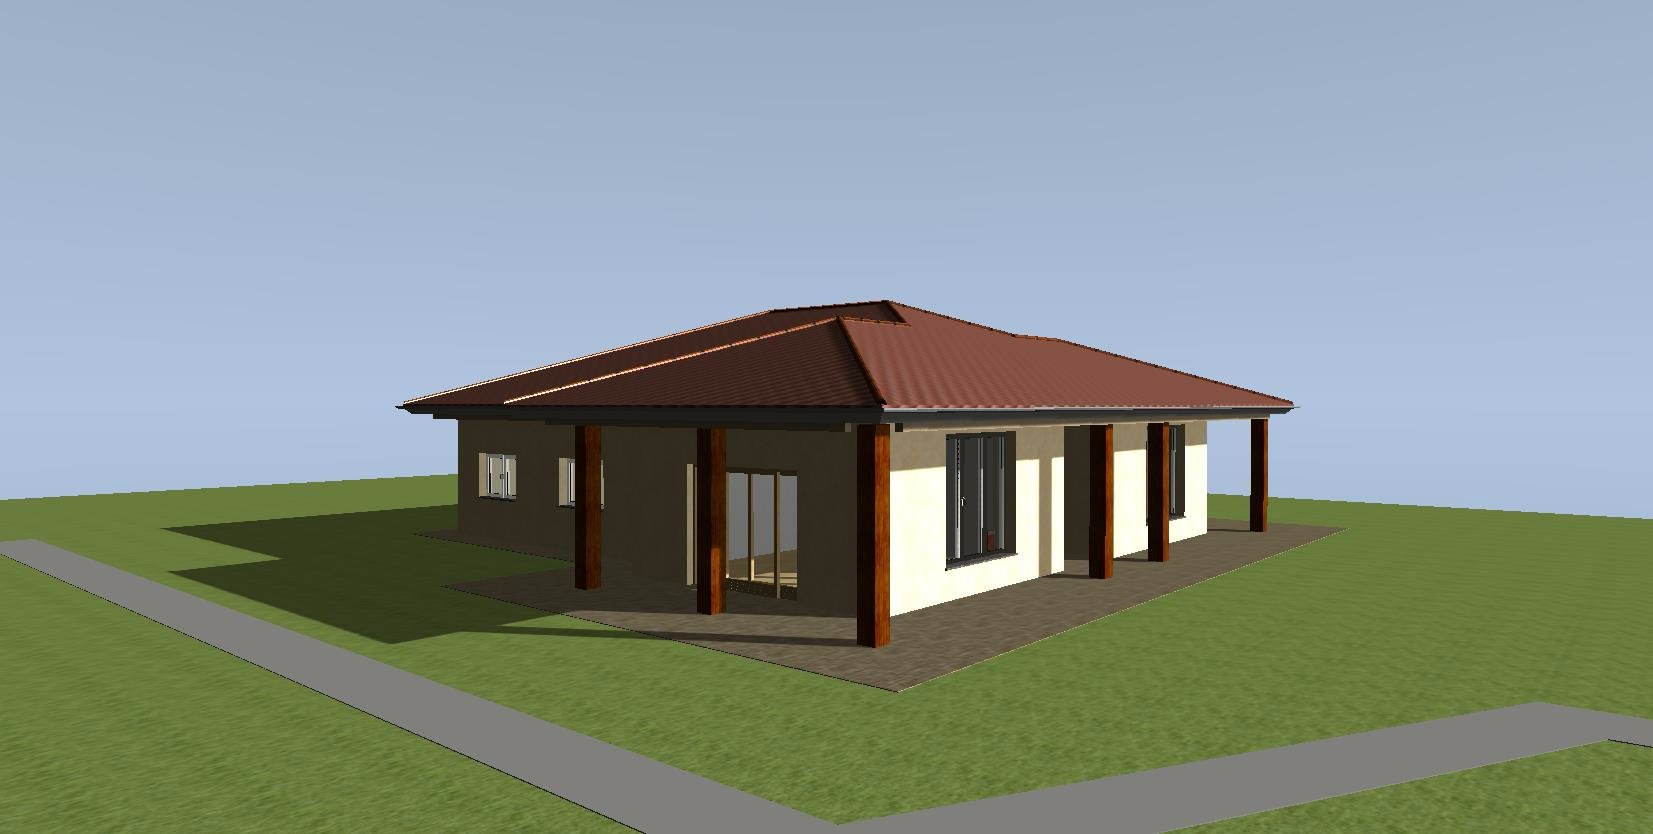 Costruzione edificio mono piano con tetto in legno mq for Progetto casa in legno pdf